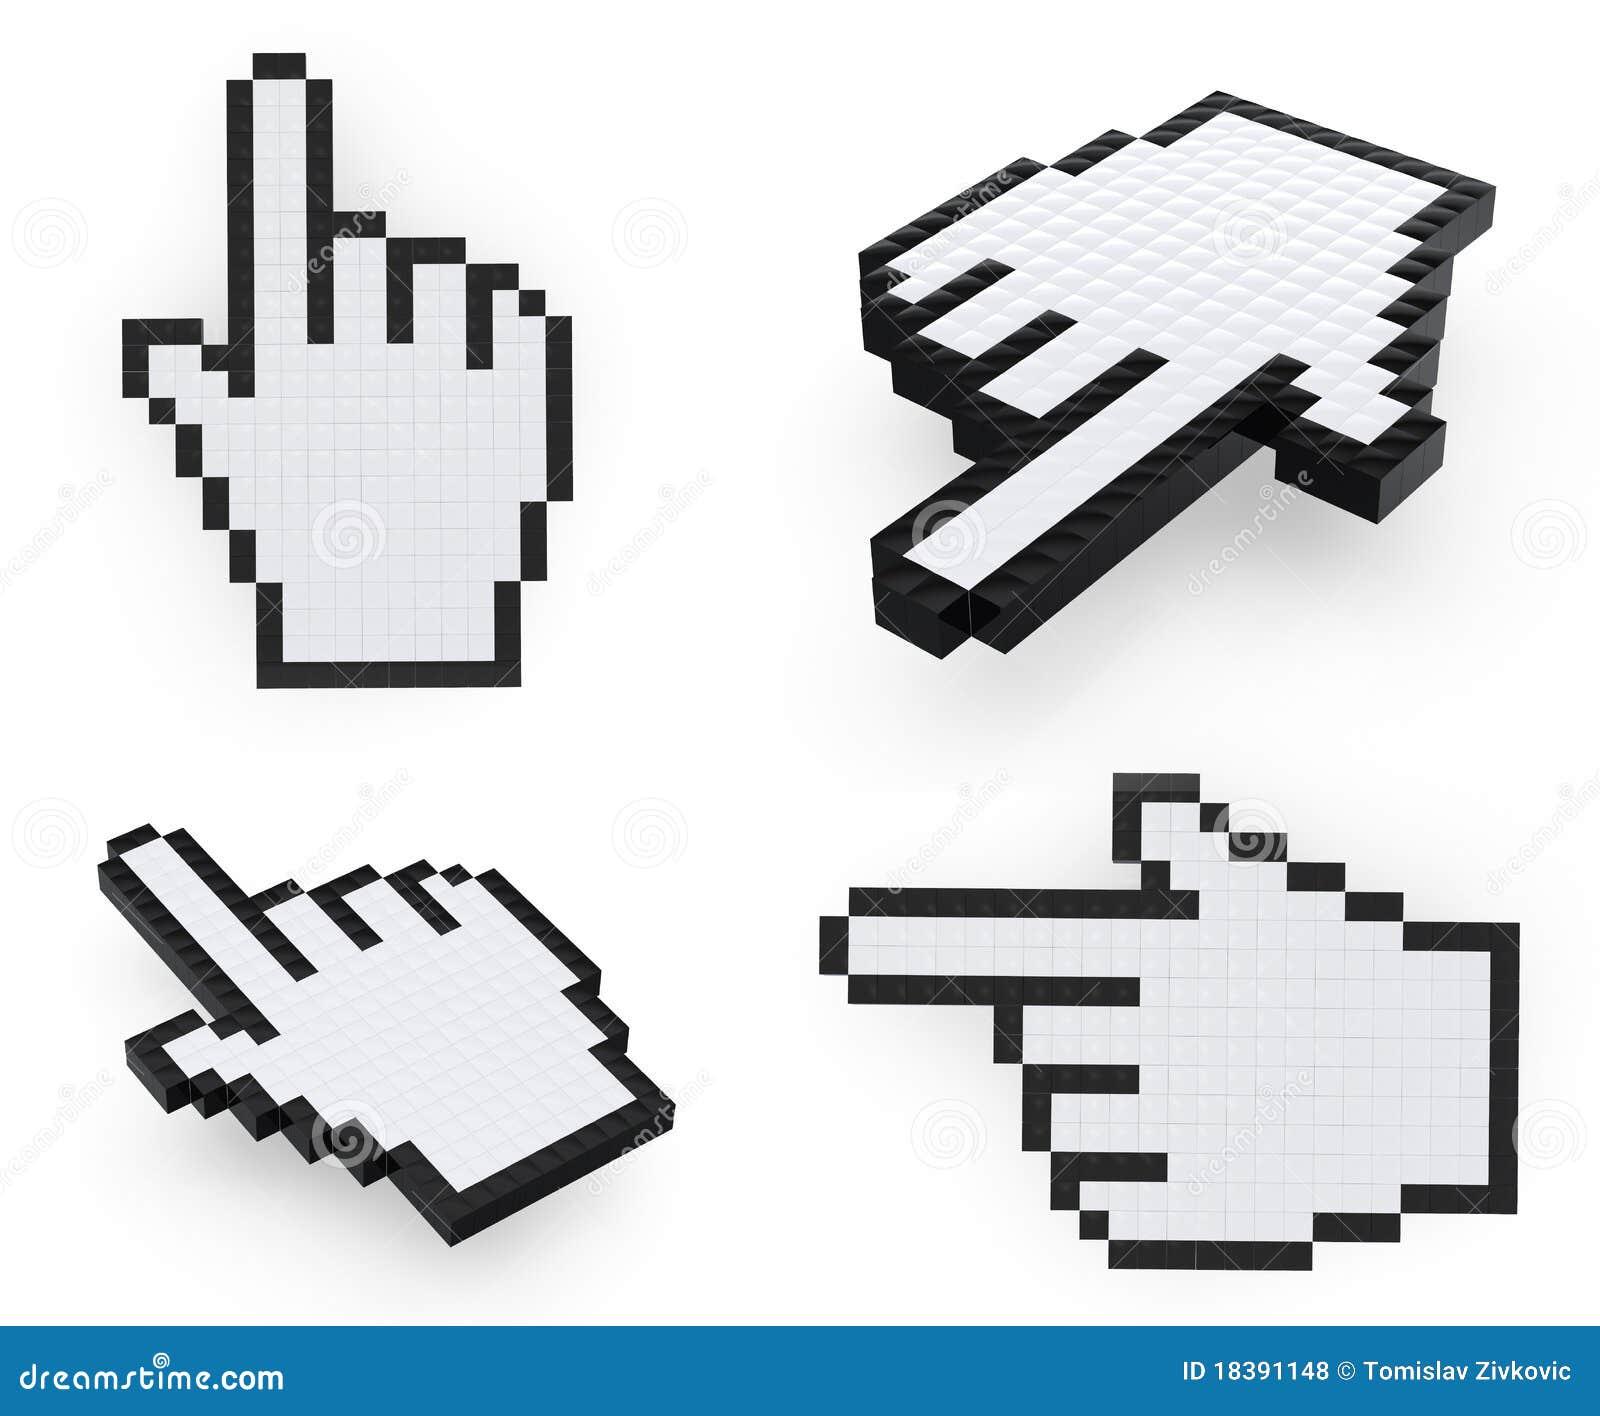 указатели руки pixelated мышью